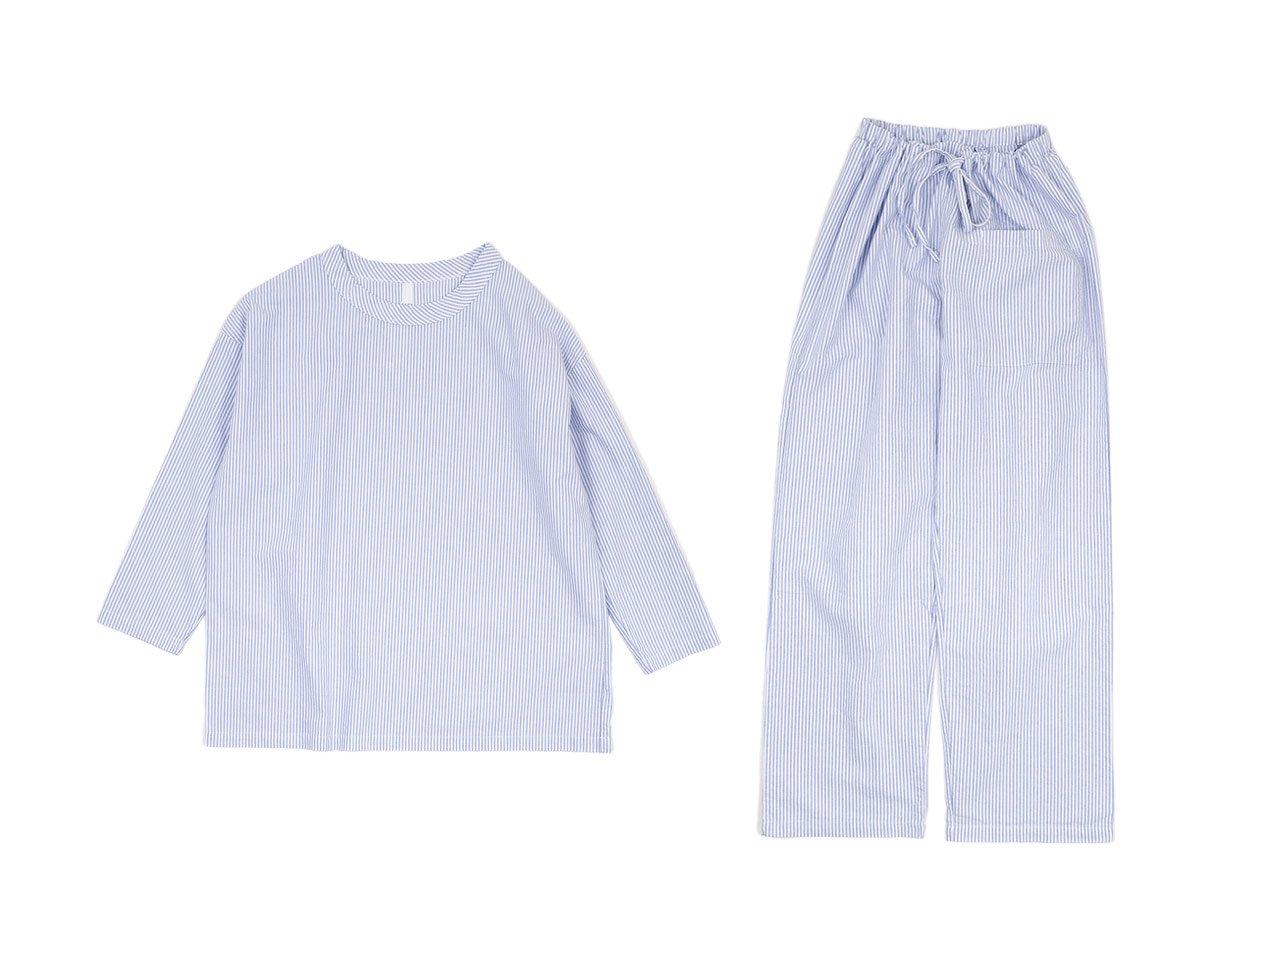 homspun コットンオックス パジャマ(巾着付き) ブルーストライプ